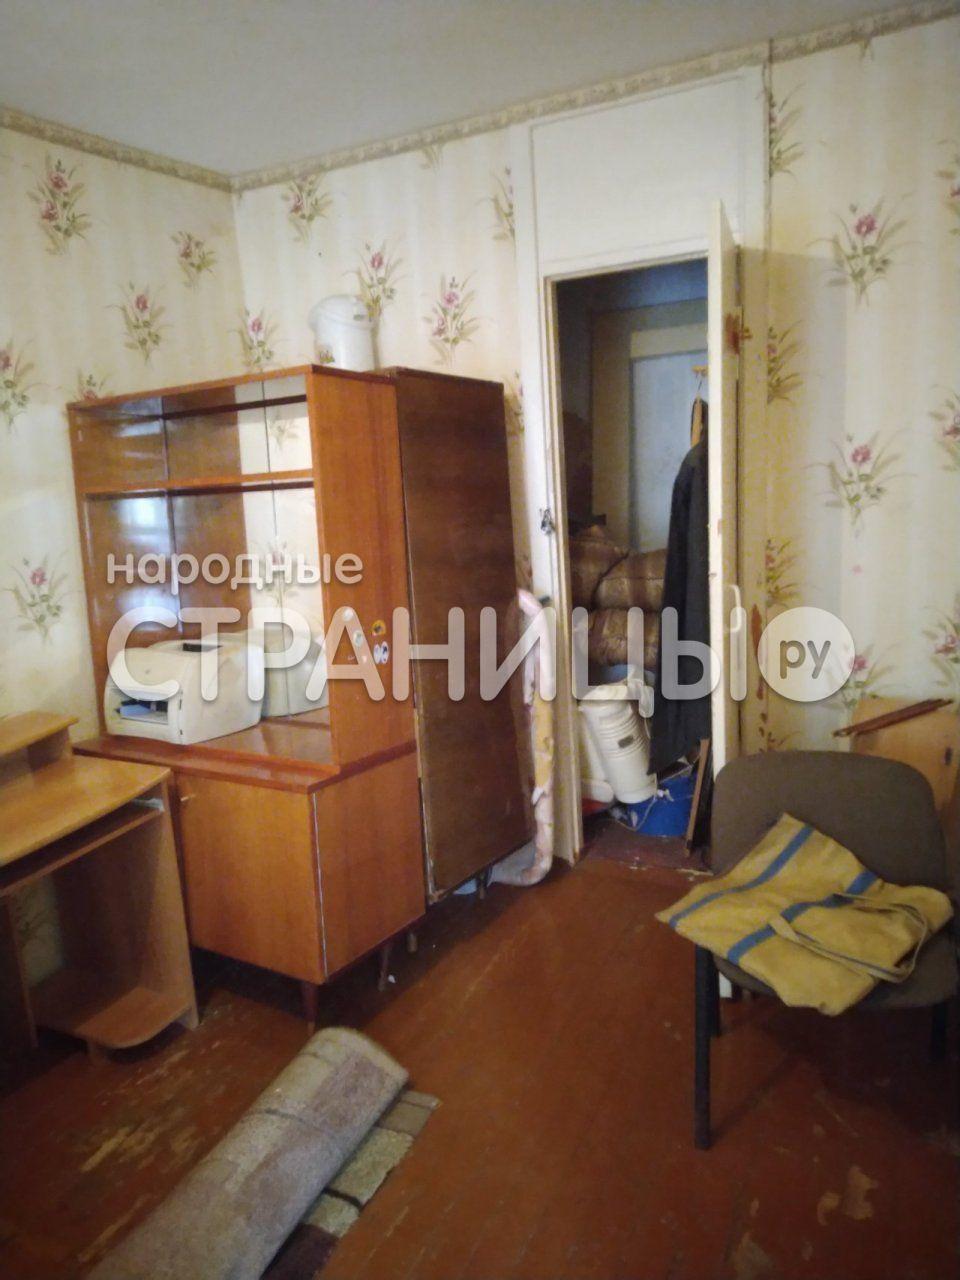 2-комнатная квартира, 44.3 м²,  1/5 эт. Панельный дом, Вторичное жилье